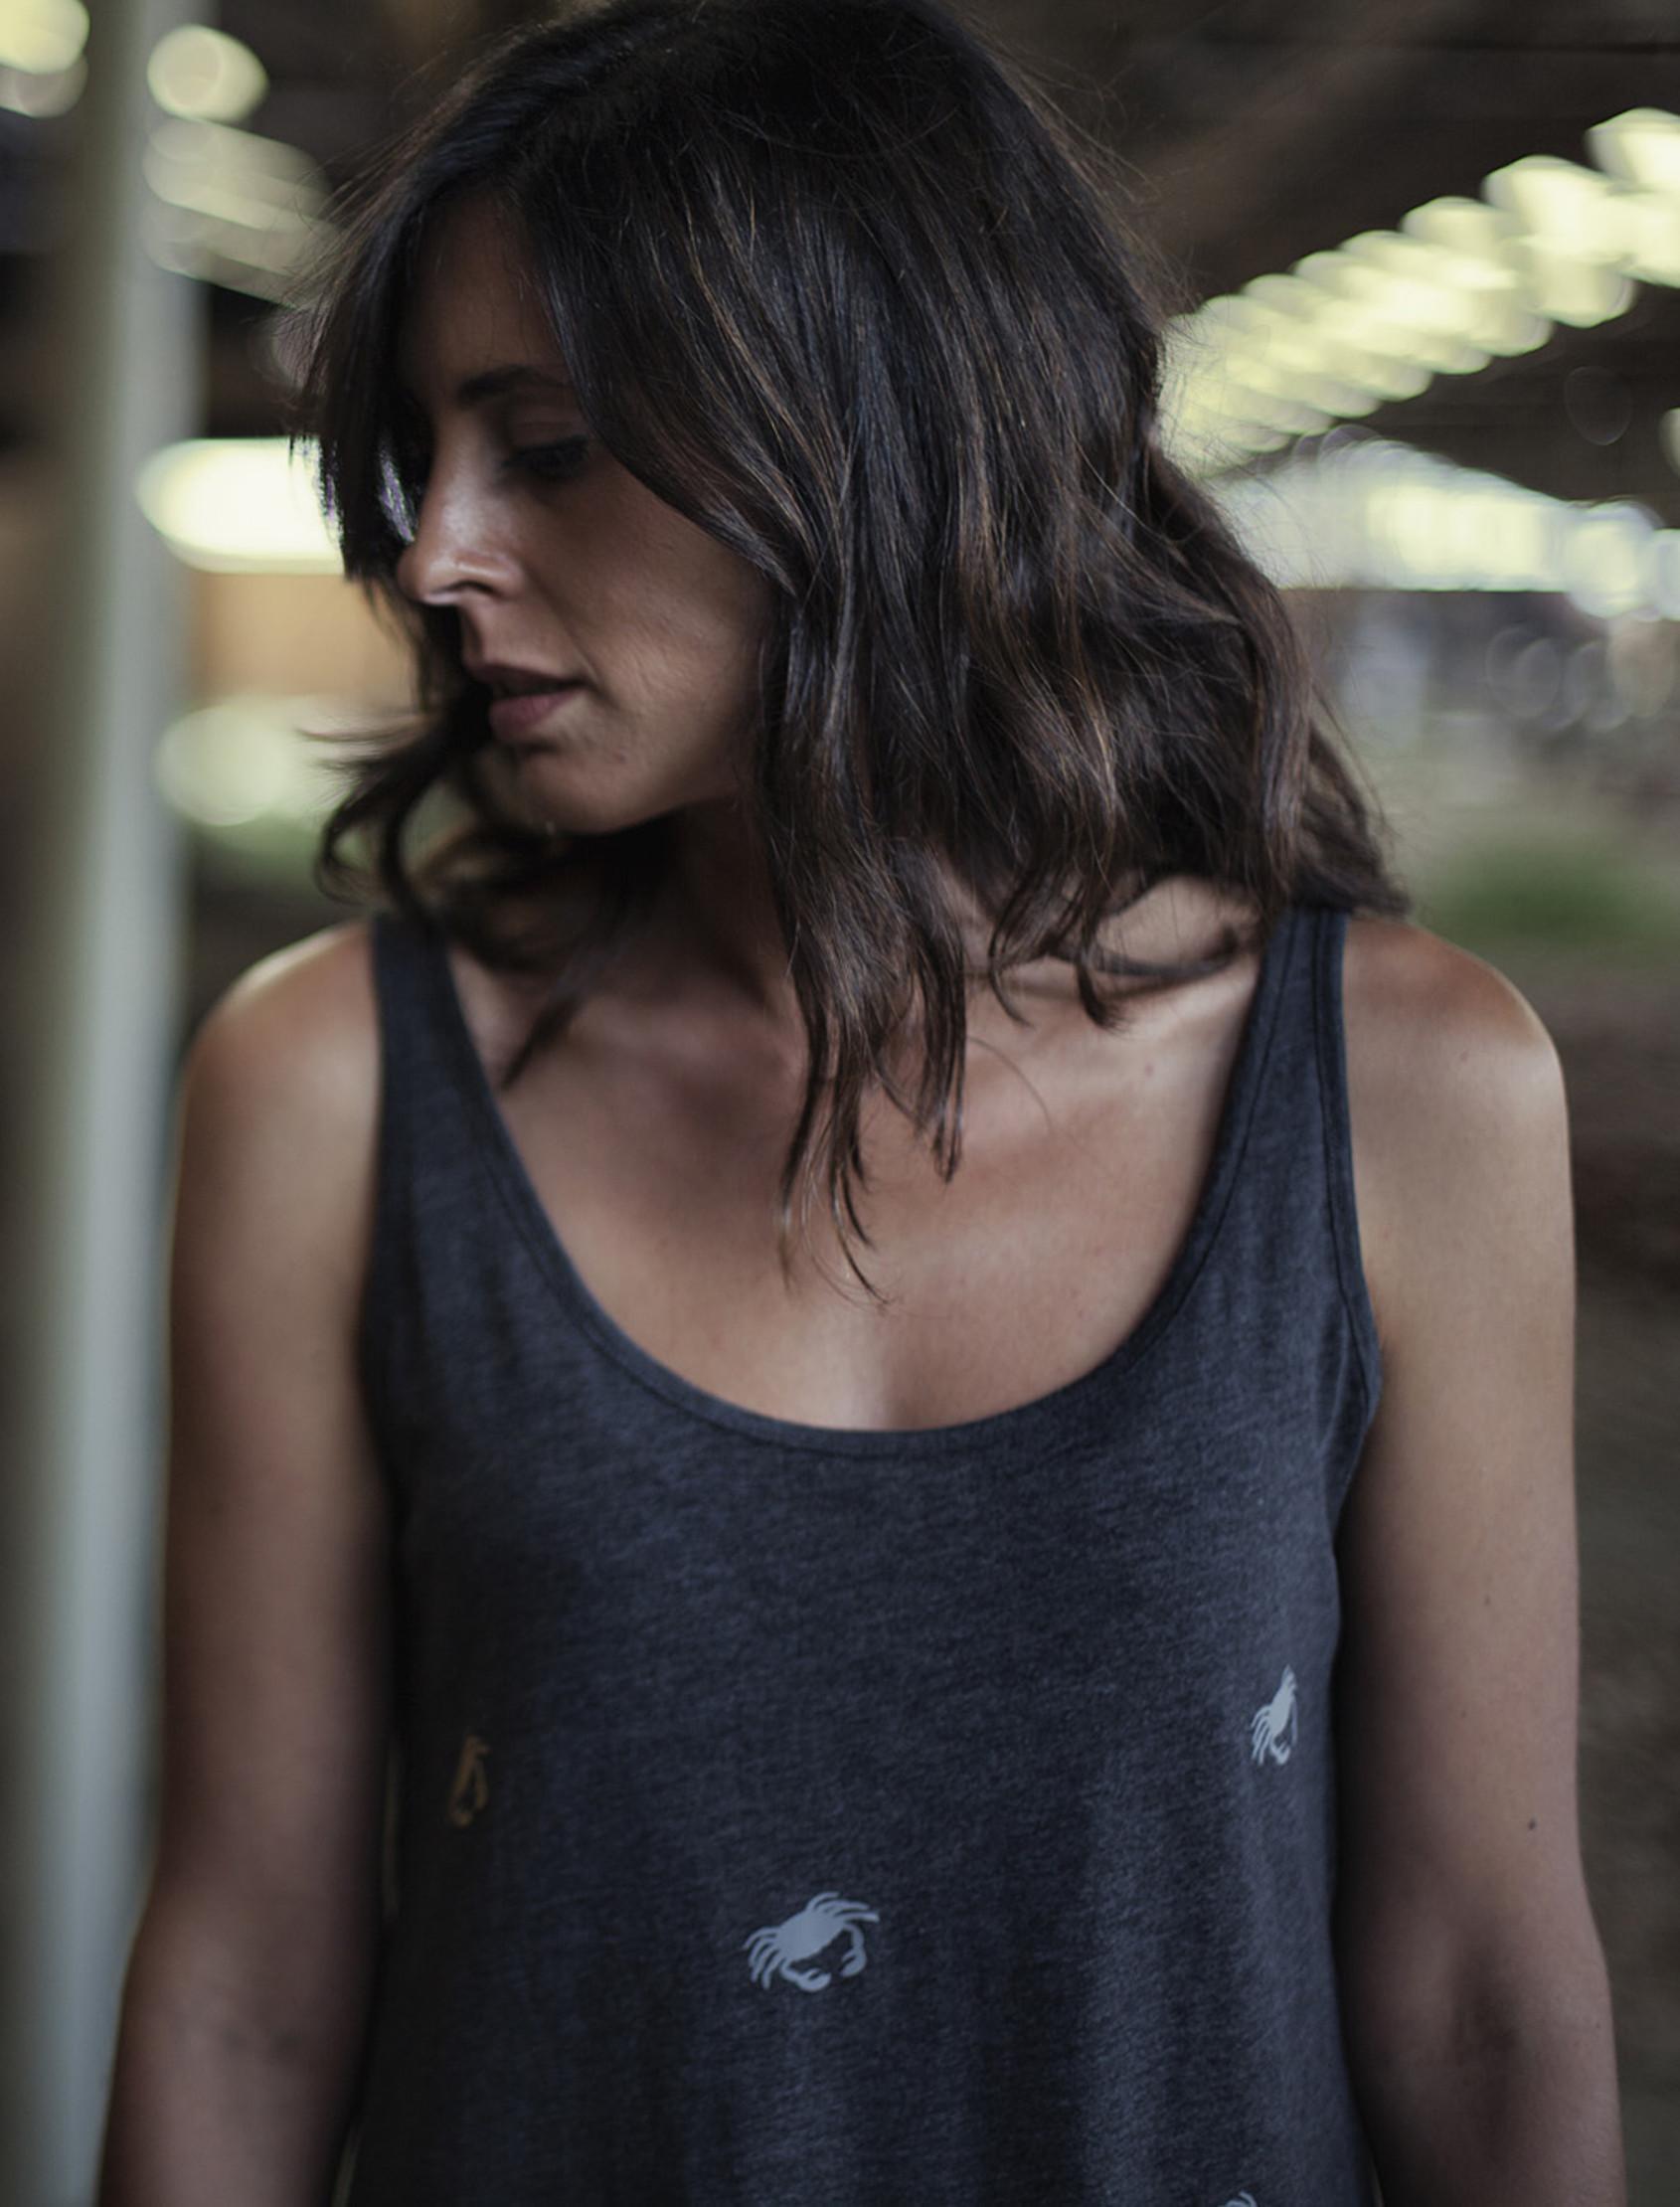 Camisetawey